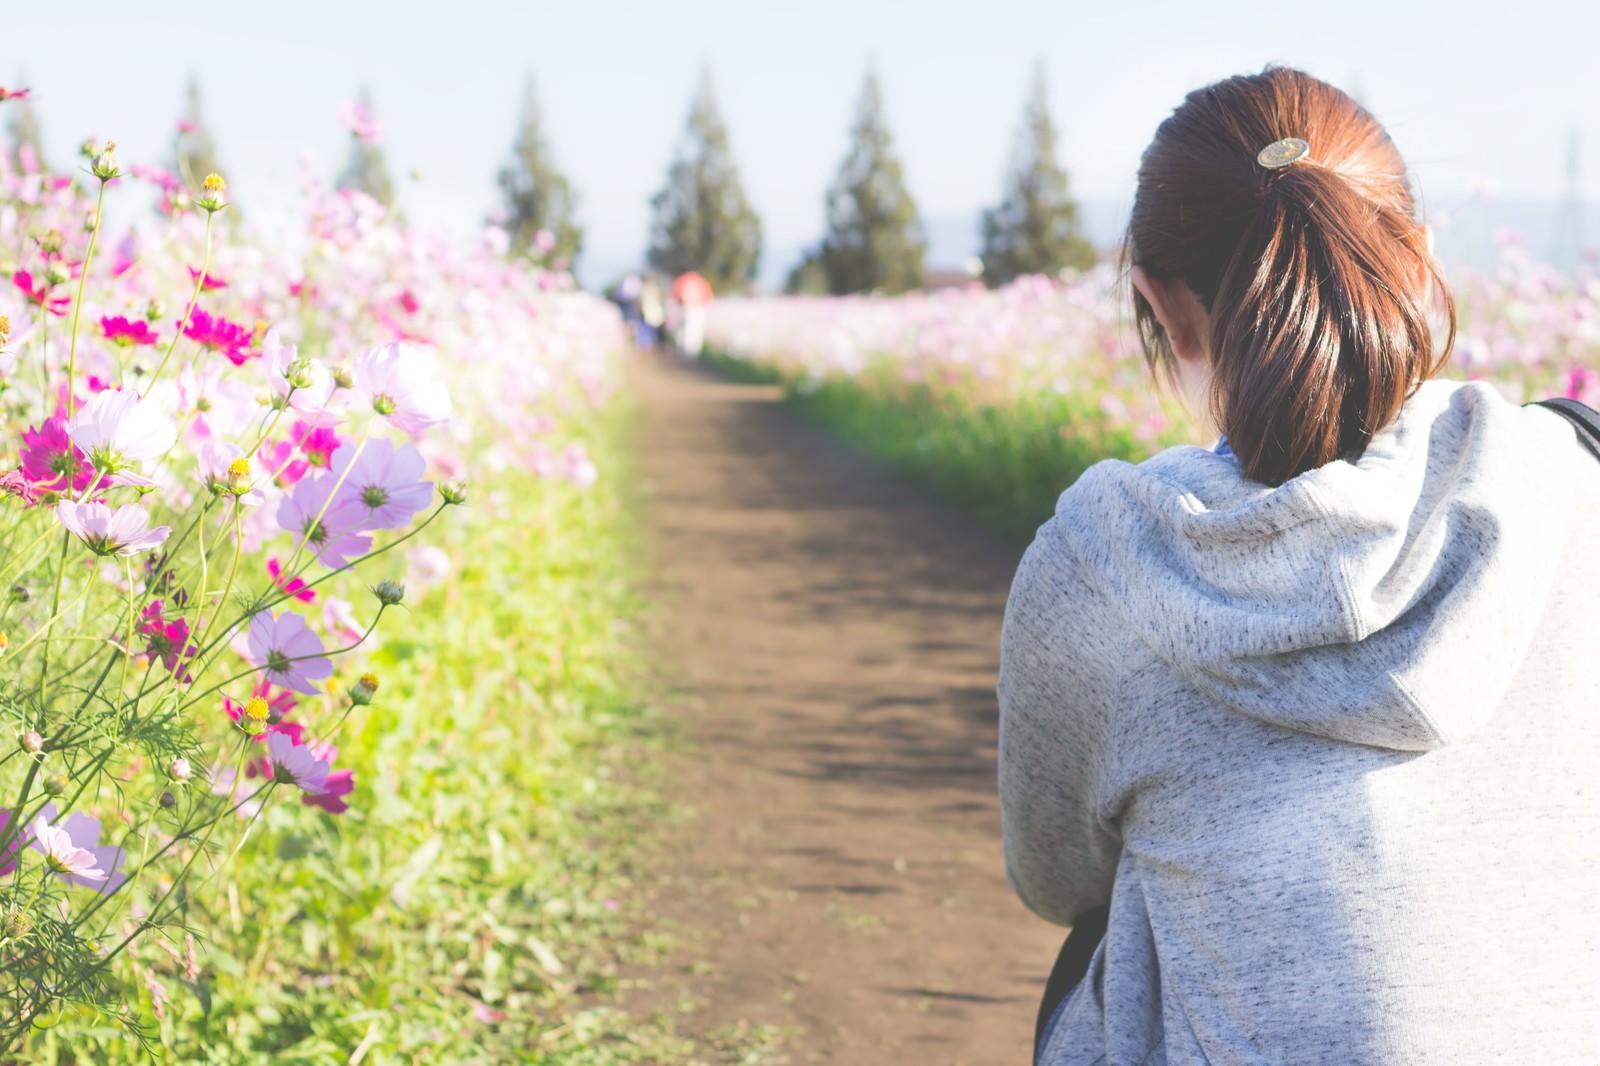 「コスモス畑と女性」の写真